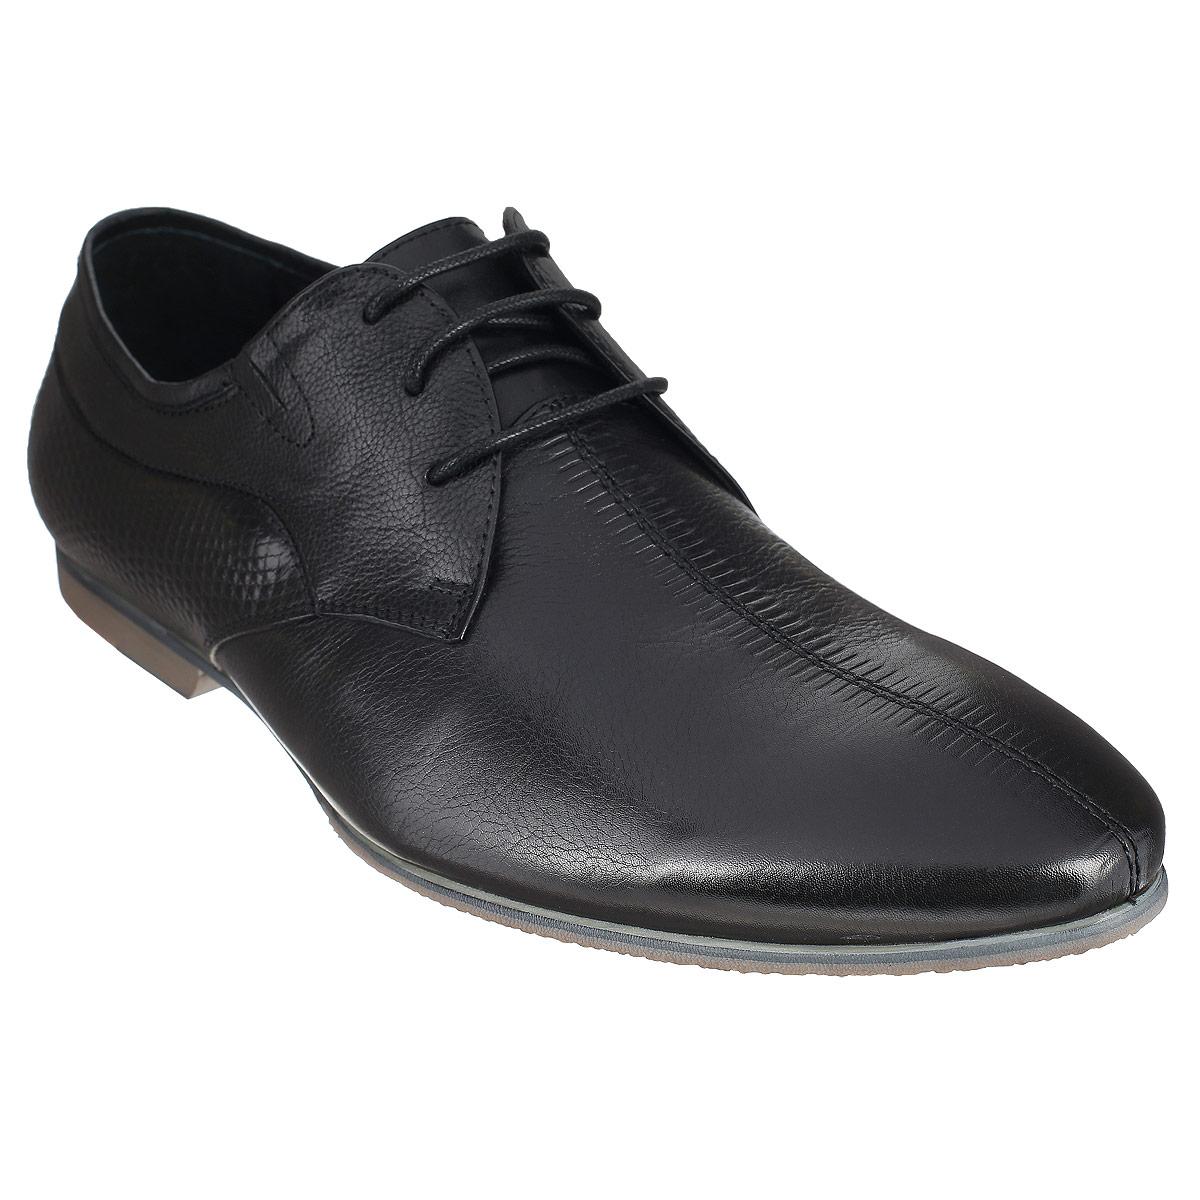 Туфли мужские. 104-156-3104-156-37Элегантные мужские туфли от Dino Ricci займут достойное место среди вашей коллекции обуви. Модель выполнена из натуральной высококачественной кожи и оформлена тиснением сбоку и на мысе. Шнуровка позволяет прочно зафиксировать модель на ноге. Резинки, расположенные на подъеме, гарантируют оптимальную посадку модели на ноге. Стелька из натуральной кожи оснащена перфорацией, позволяющей вашим ногам дышать. Каблук и подошва с рифлением обеспечивают отличное сцепление с поверхностью. Стильные туфли прекрасно дополнят ваш деловой образ.